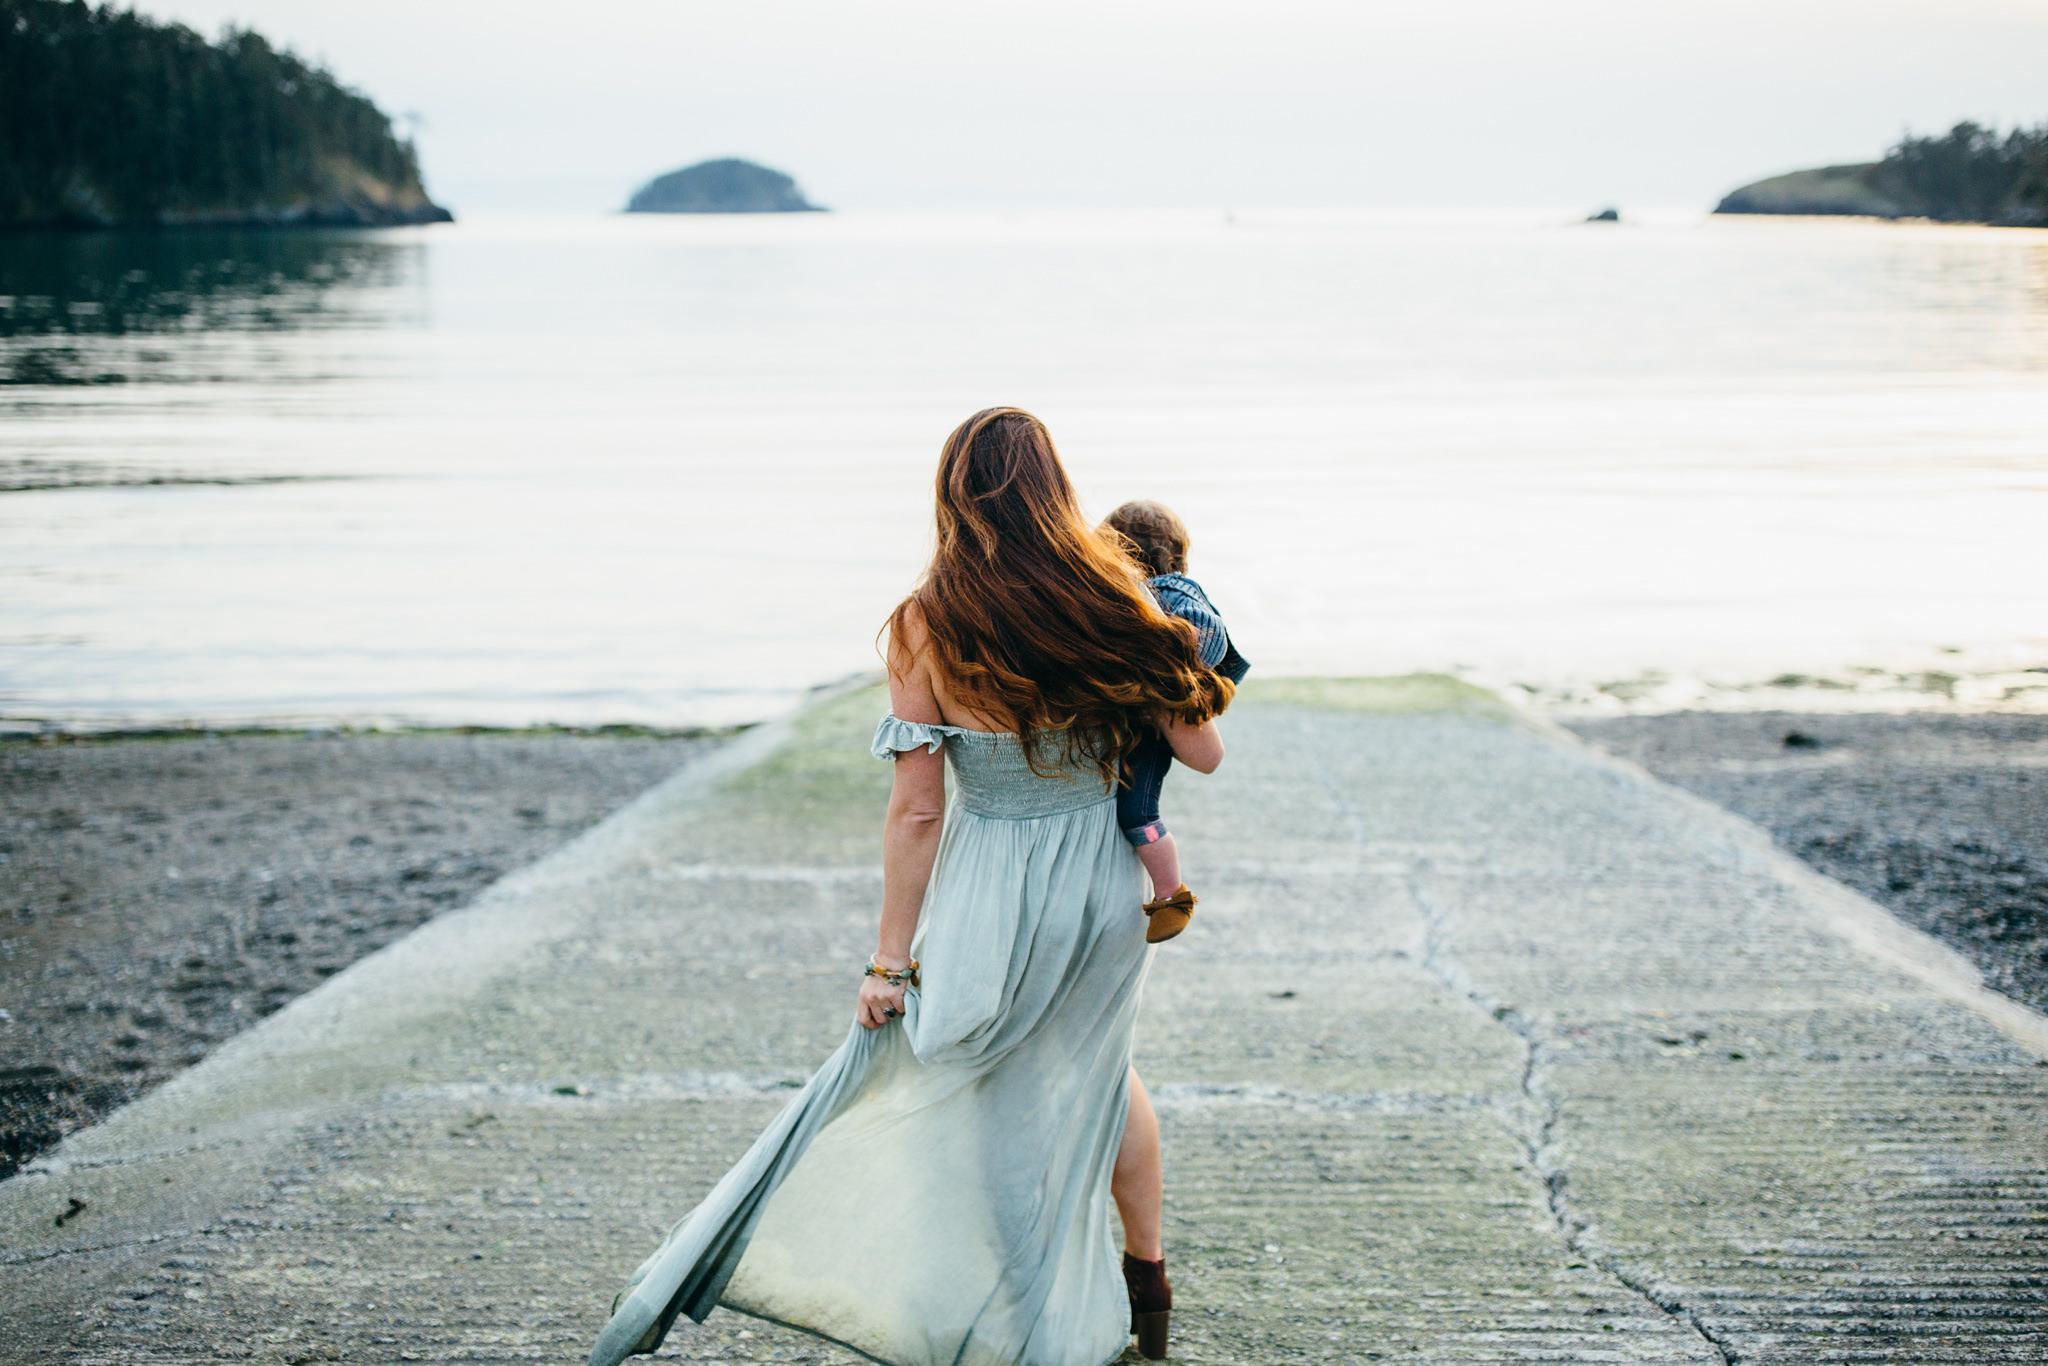 bowman-bay-oak-harbor-family-photographer-40.jpg